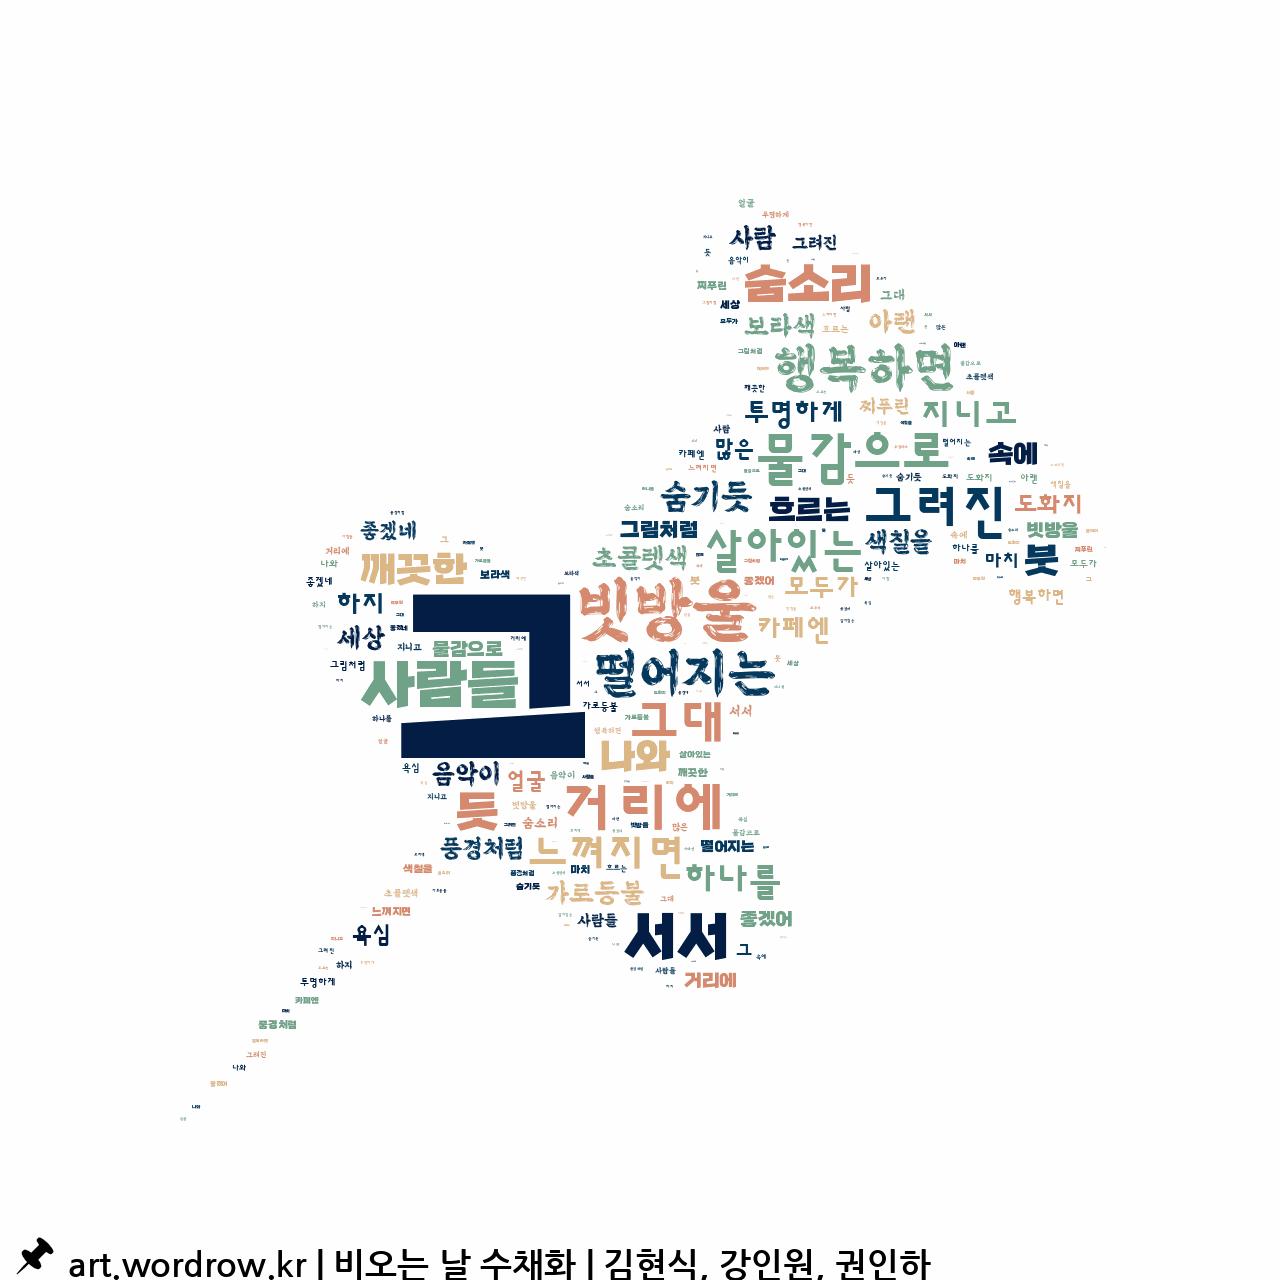 워드 클라우드: 비오는 날 수채화 [김현식, 강인원, 권인하]-70